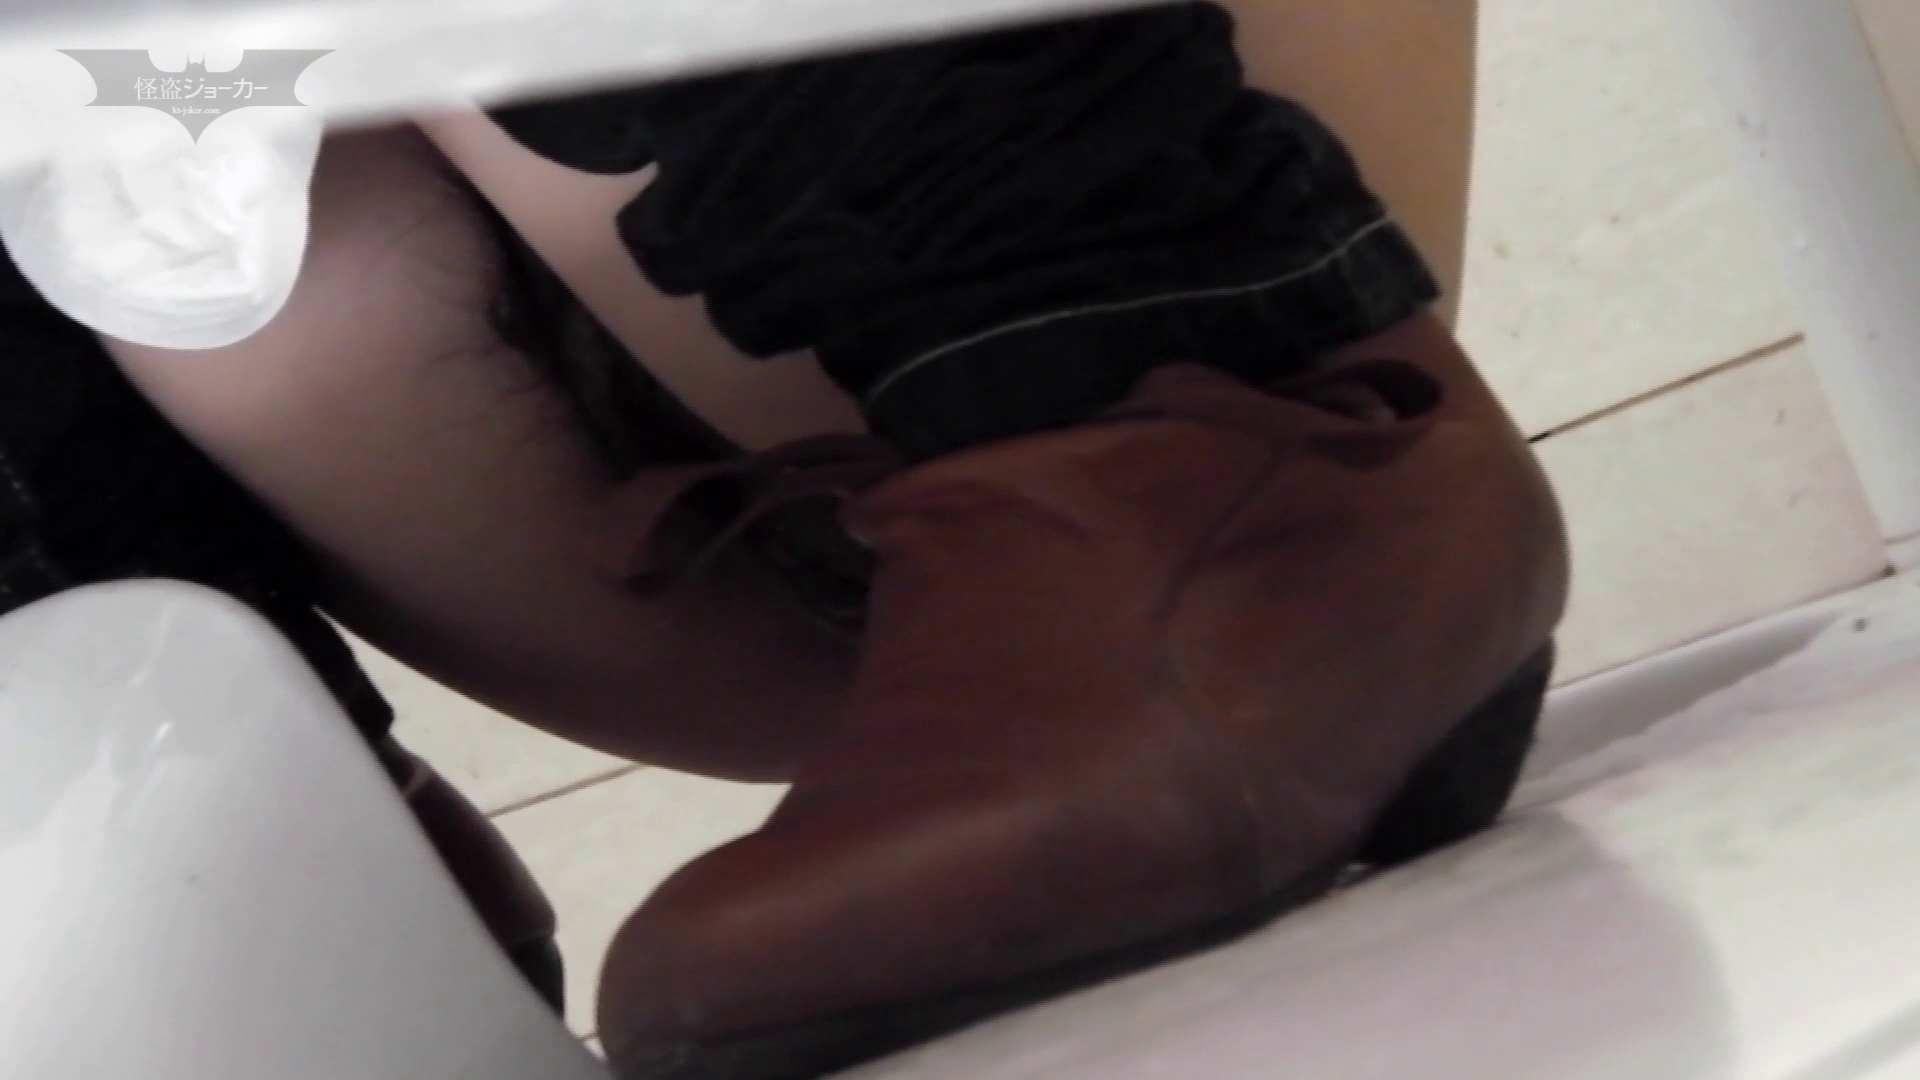 潜入!!台湾名門女学院 Vol.10 進化 美女のボディ 隠し撮りオマンコ動画紹介 77PIX 63